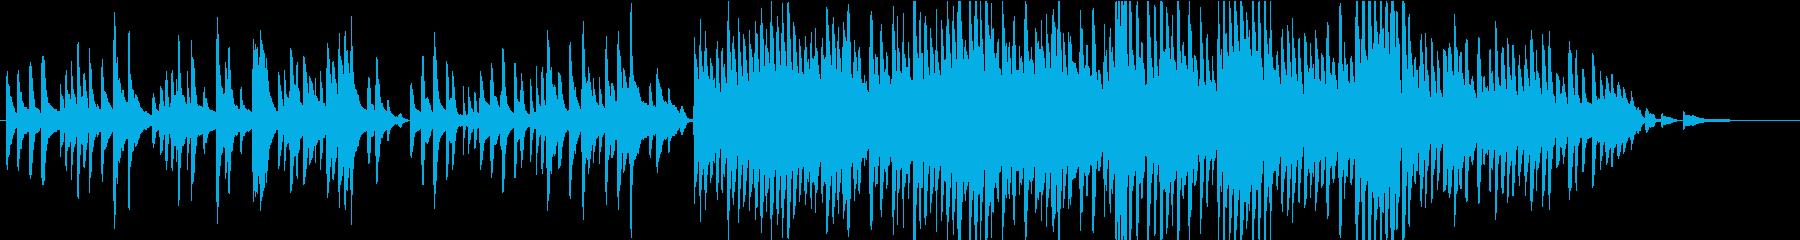 ピアニストが弾く、クラシックの名曲の再生済みの波形